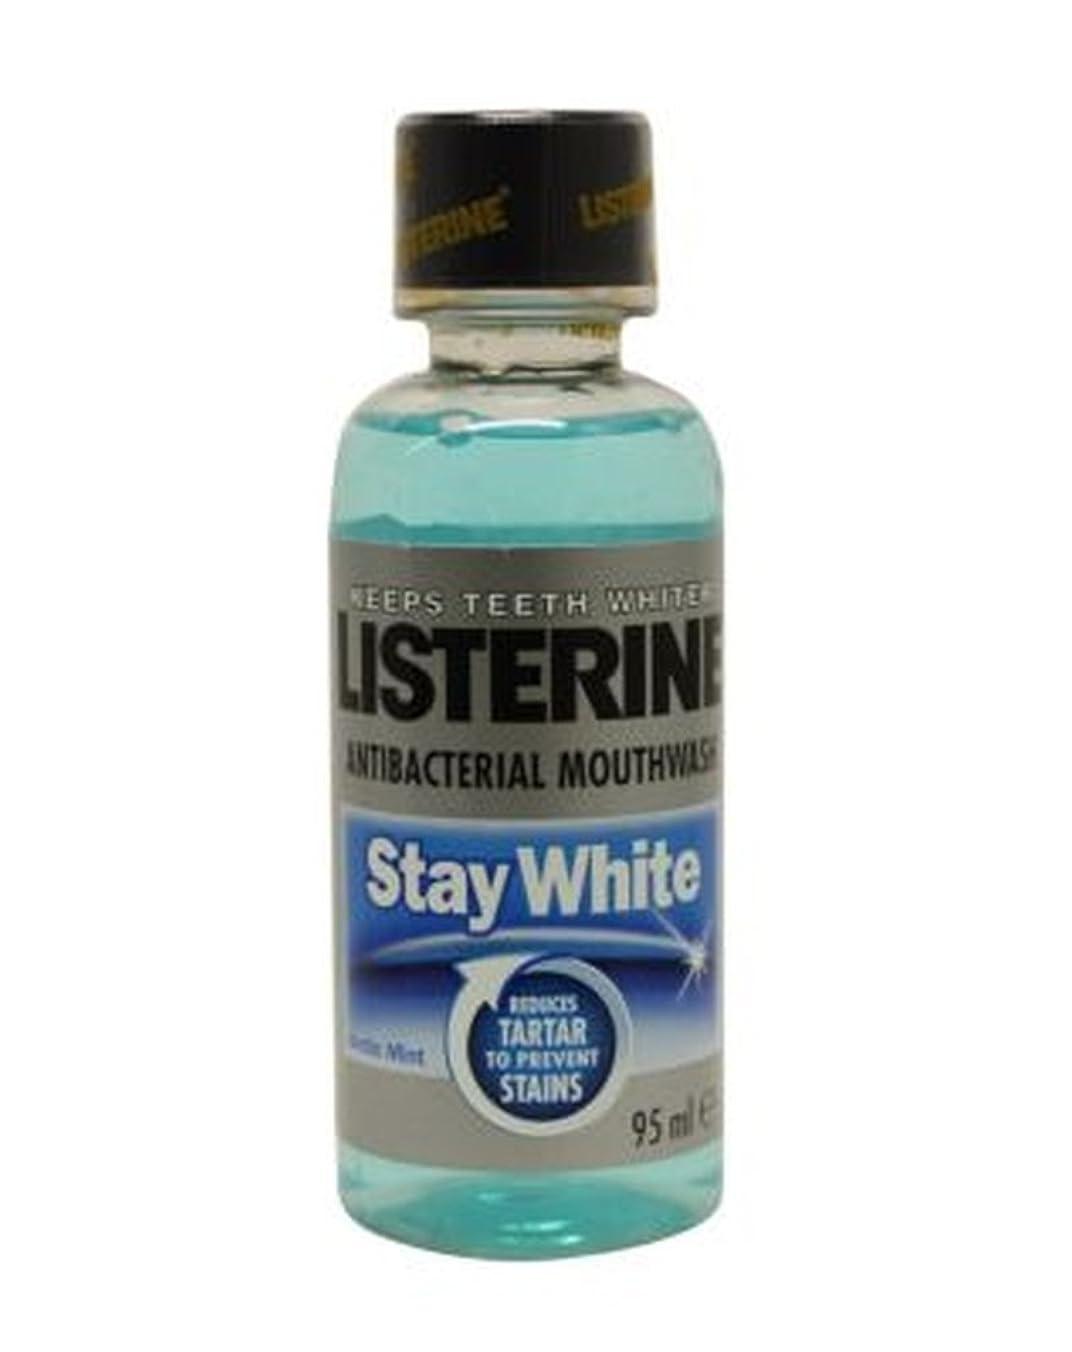 シニス引き受ける海洋のListerine Stay White Mouthwash 95ml - リステリン白いマウスウォッシュ95ミリリットルを滞在 (Listerine) [並行輸入品]